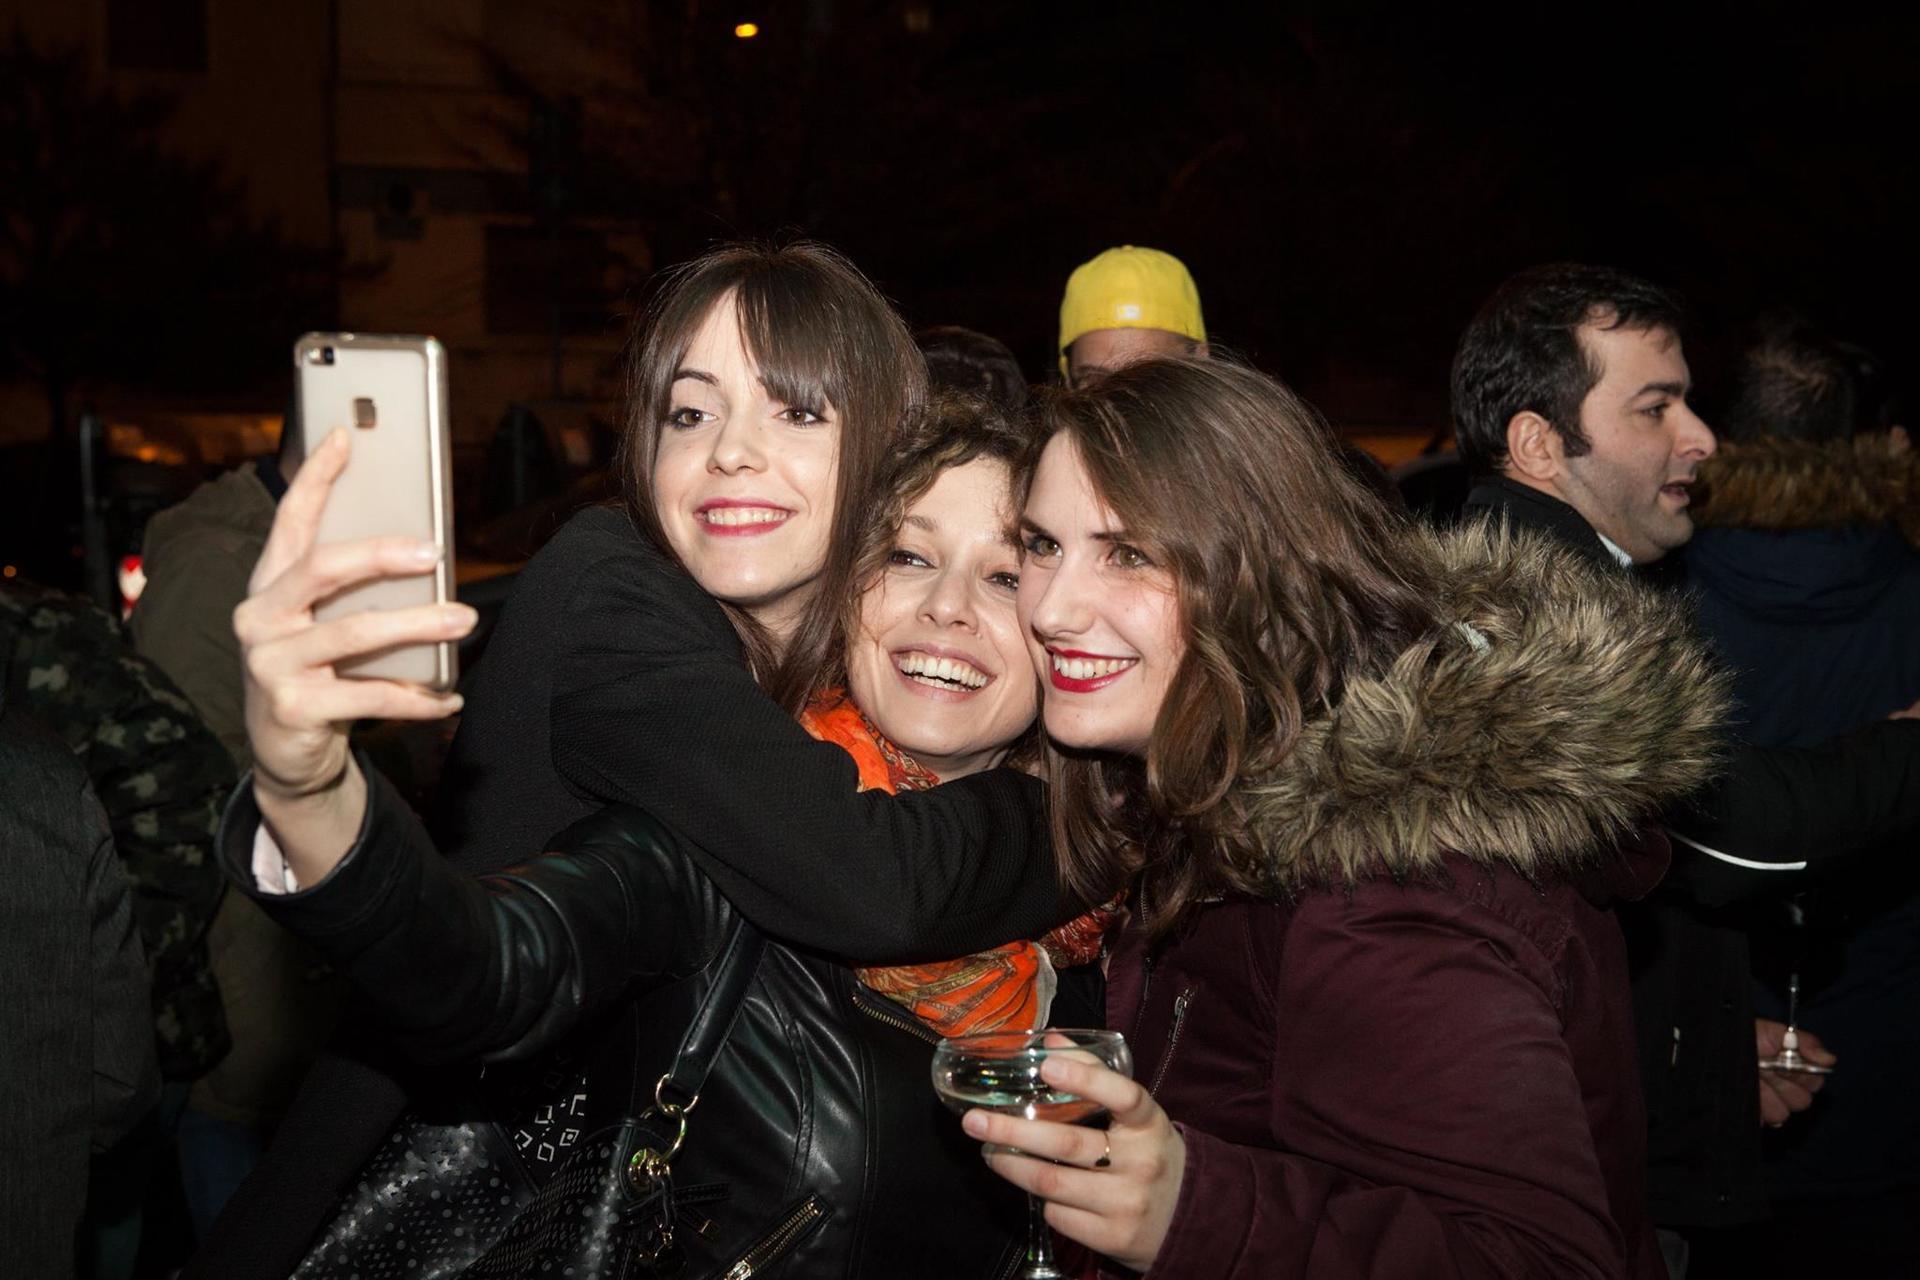 ragazze mentre effettuano un selfie